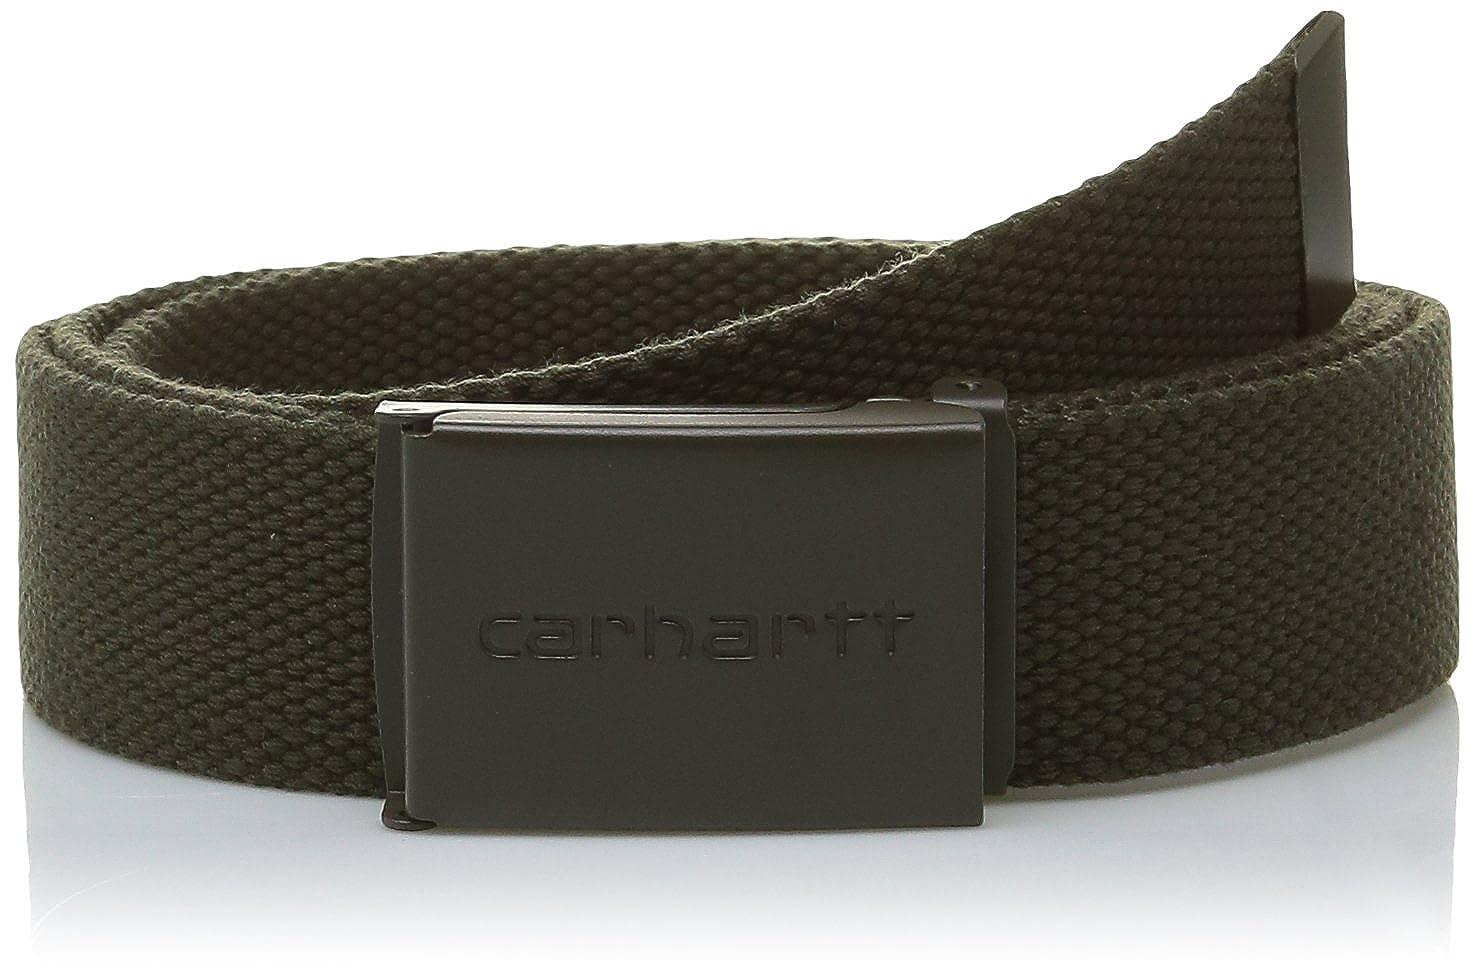 380f675c90d Carhartt Clip Belt Tonal Ceinture Mixte